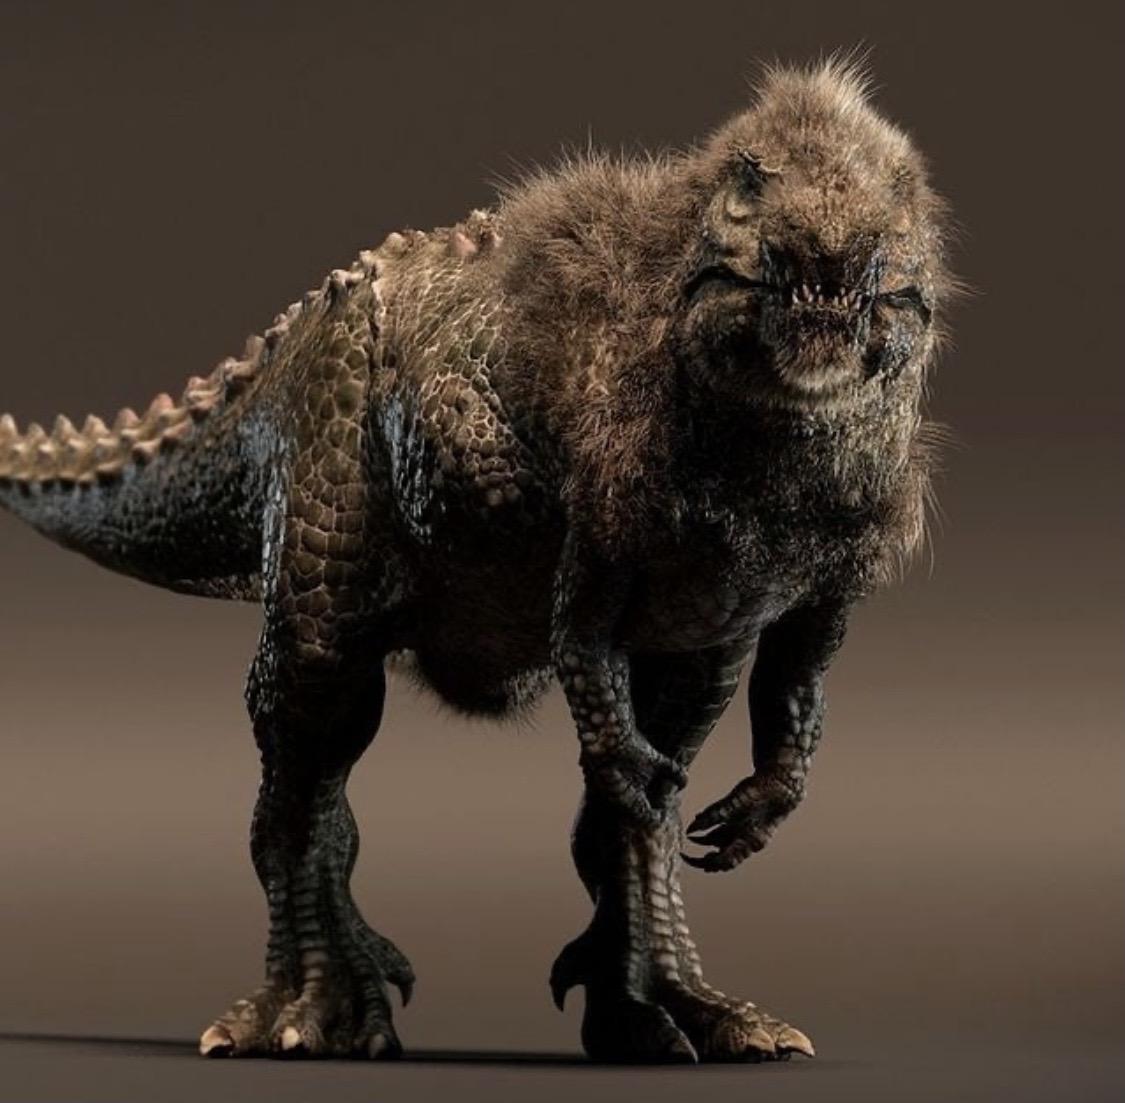 【画像】羽毛バージョンのティラノサウルスで悪くないやつ見つけたwwwwwwwww